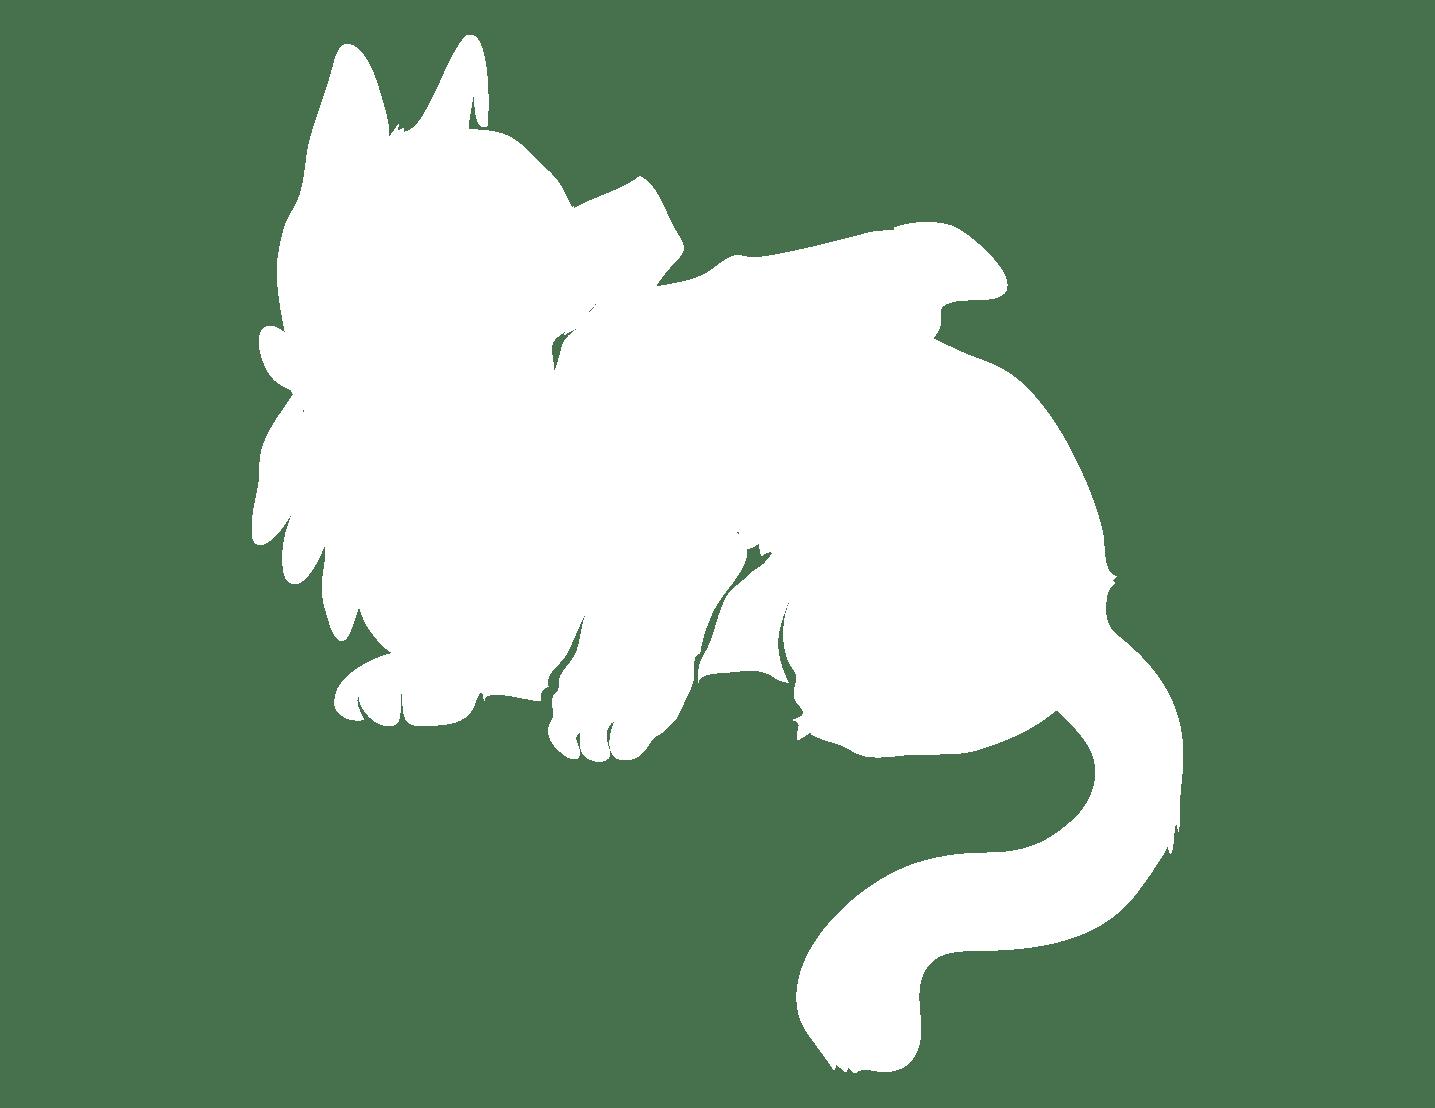 Grafik: Festhalten einer Katze, um sie nach Zecken abzusuchen.